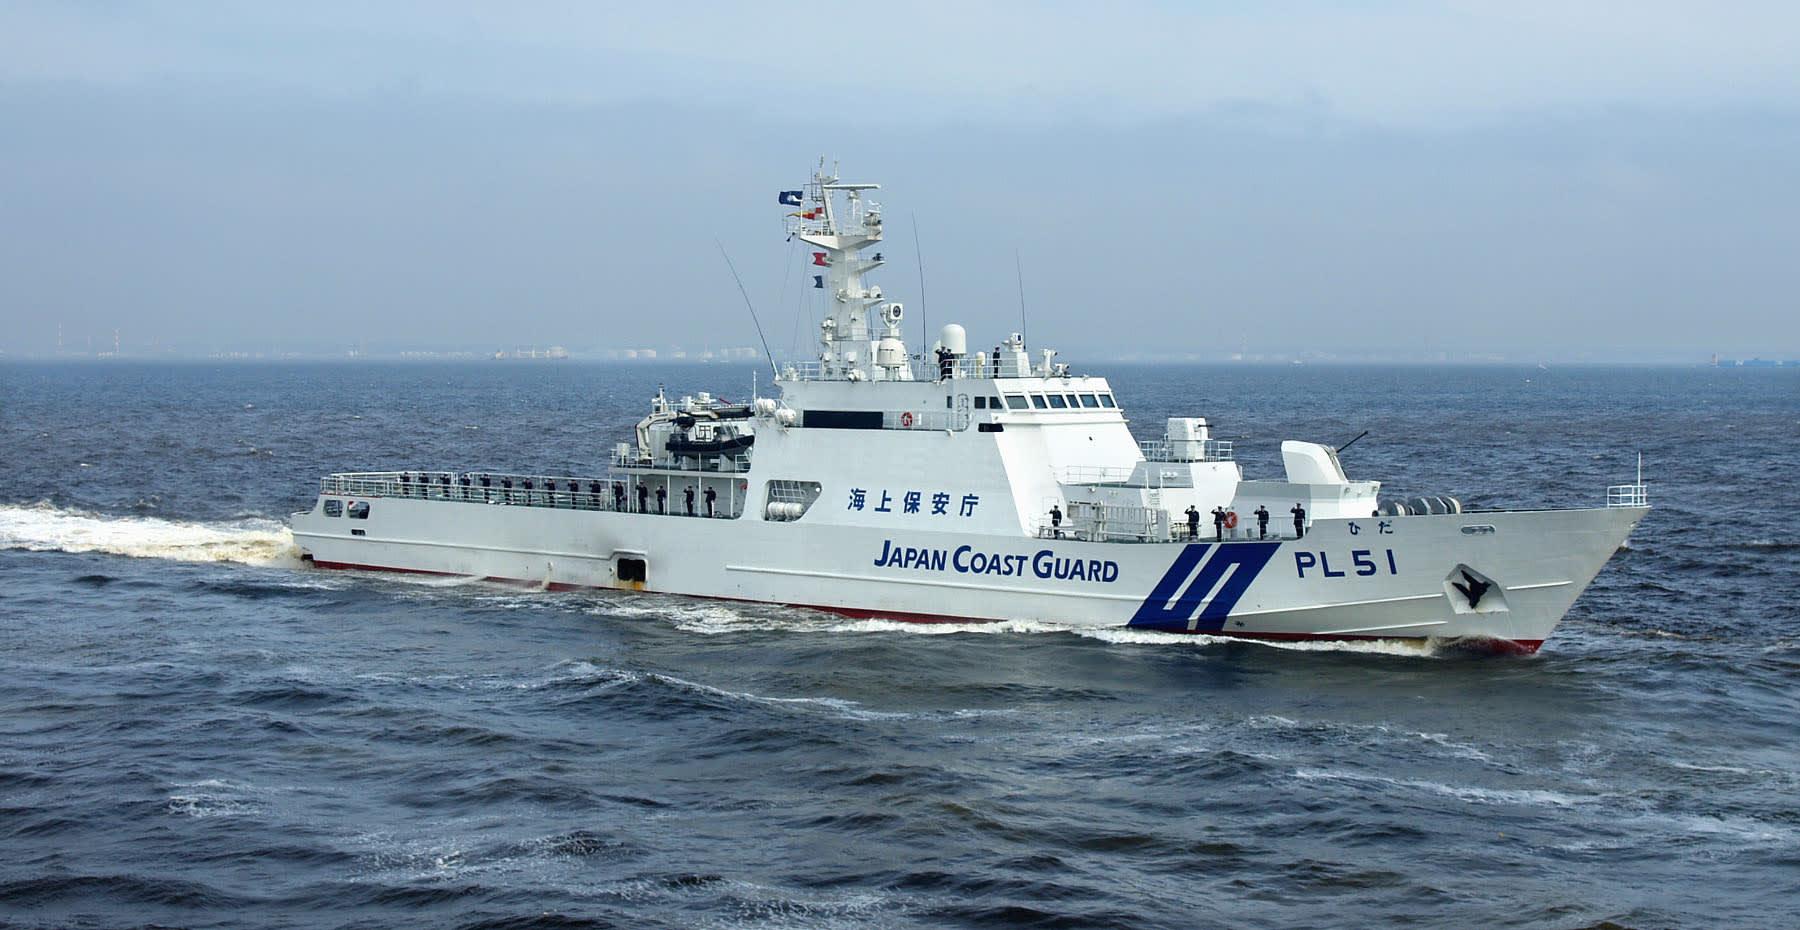 Hida-class patrol vessel - Wikipedia |Hida Jcg Class Patrol Vessel